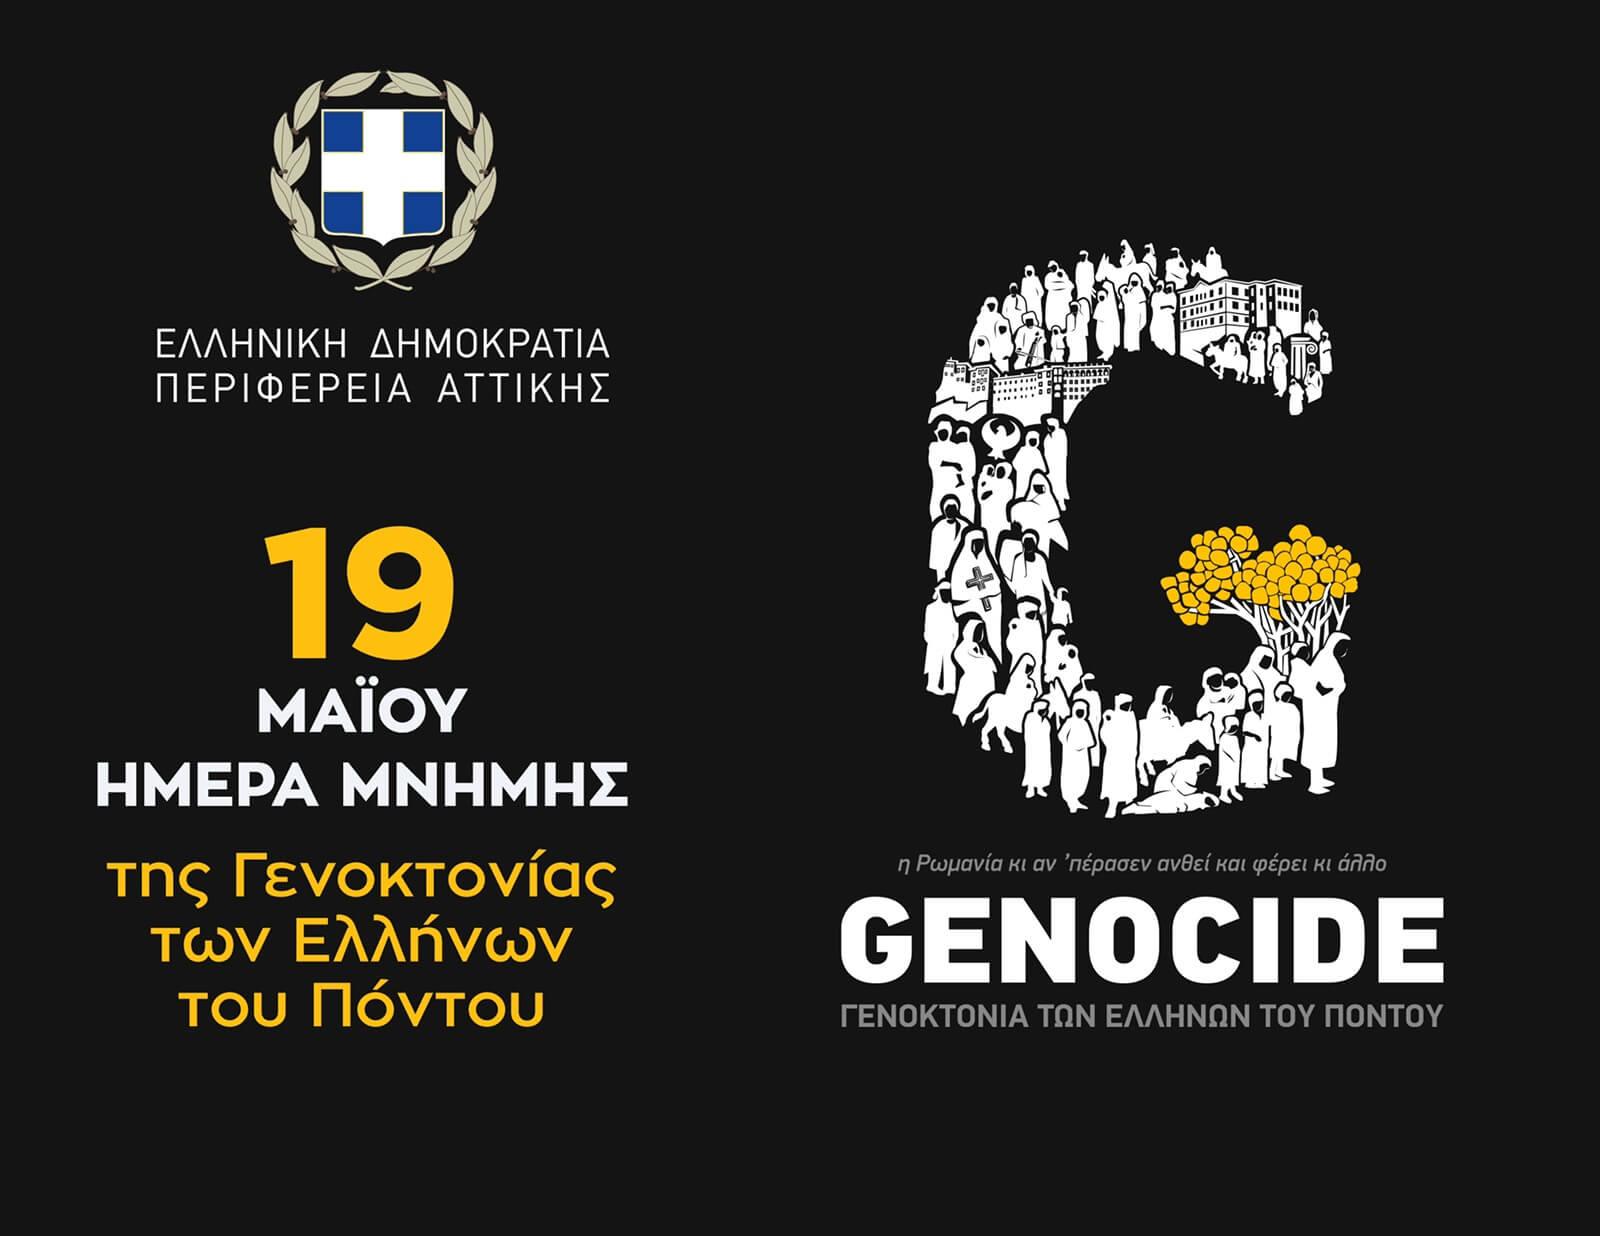 Γιώργος Πατούλης  για την Ημέρα μνήμης της Γενοκοτονίας των Ποντίων : Καθήκον μας να μην ξεχάσουμε ποτέ την ιστορία μας